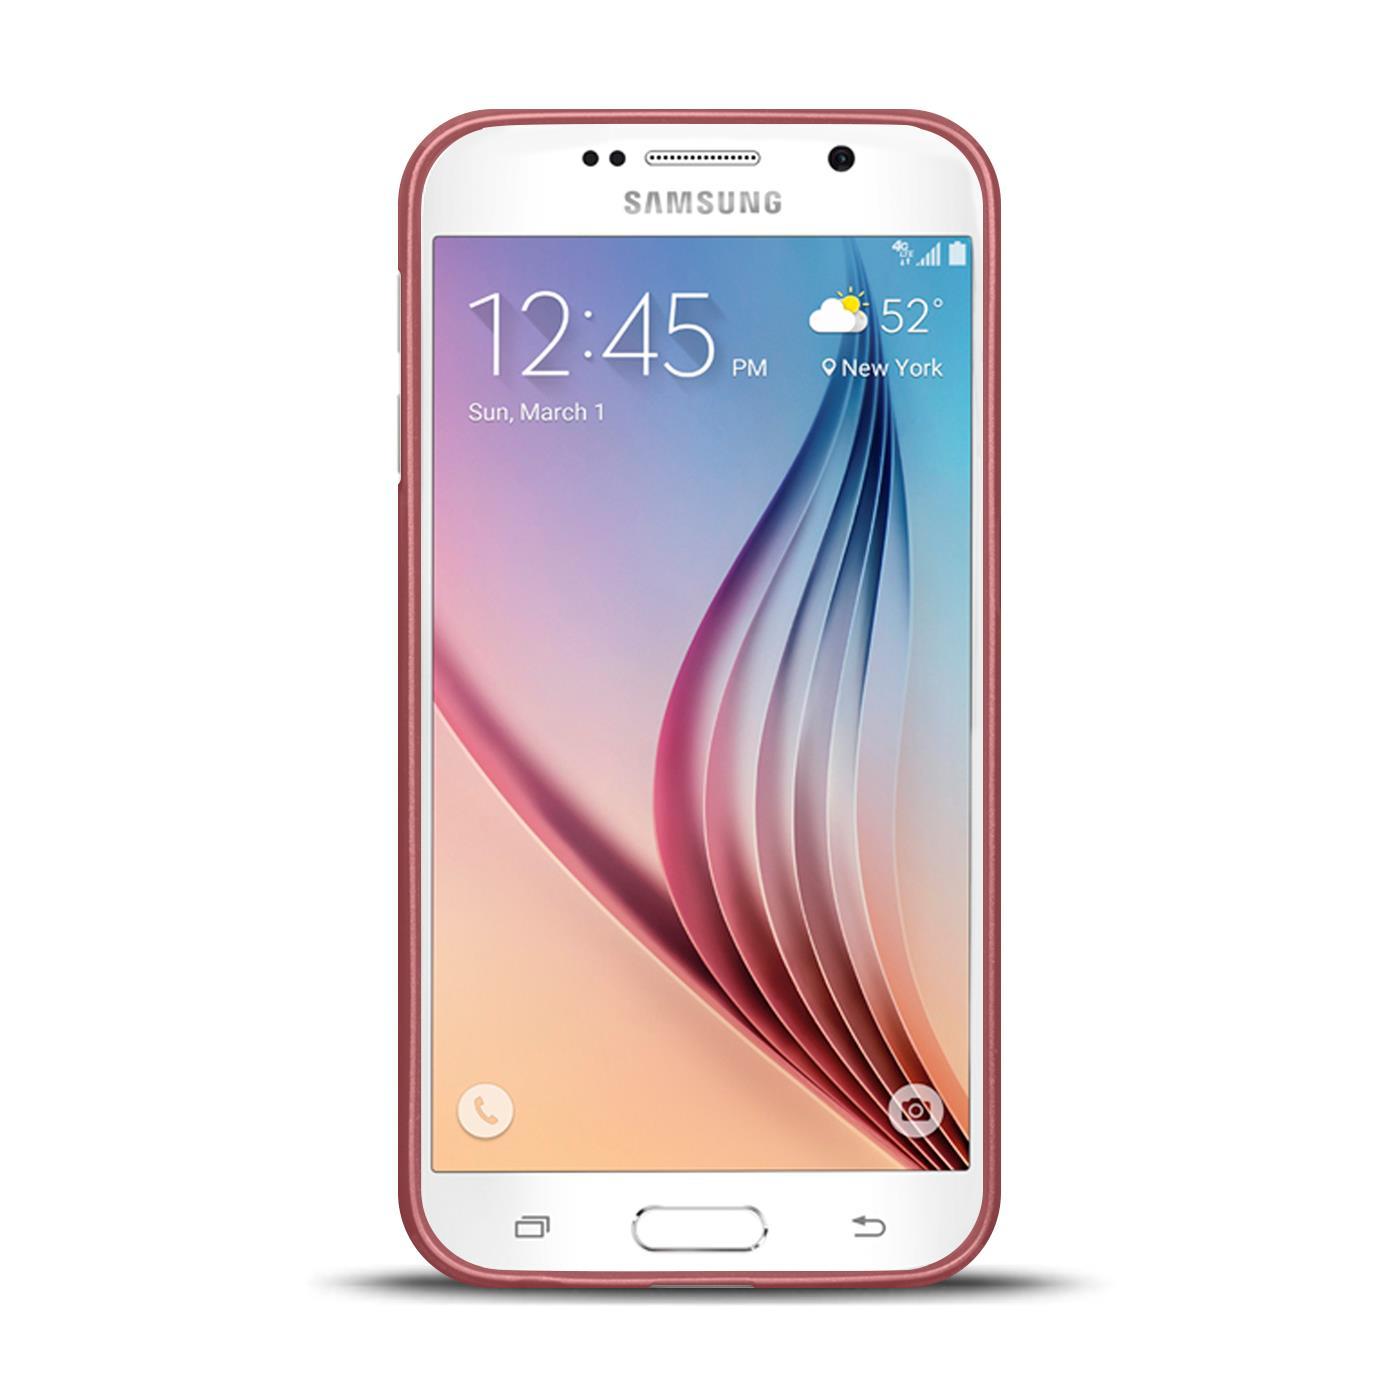 Silikon-Bumper-Case-fuer-Samsung-Galaxy-s6-duenne-ultra-slim-Stossfeste-Rueckschale Indexbild 23